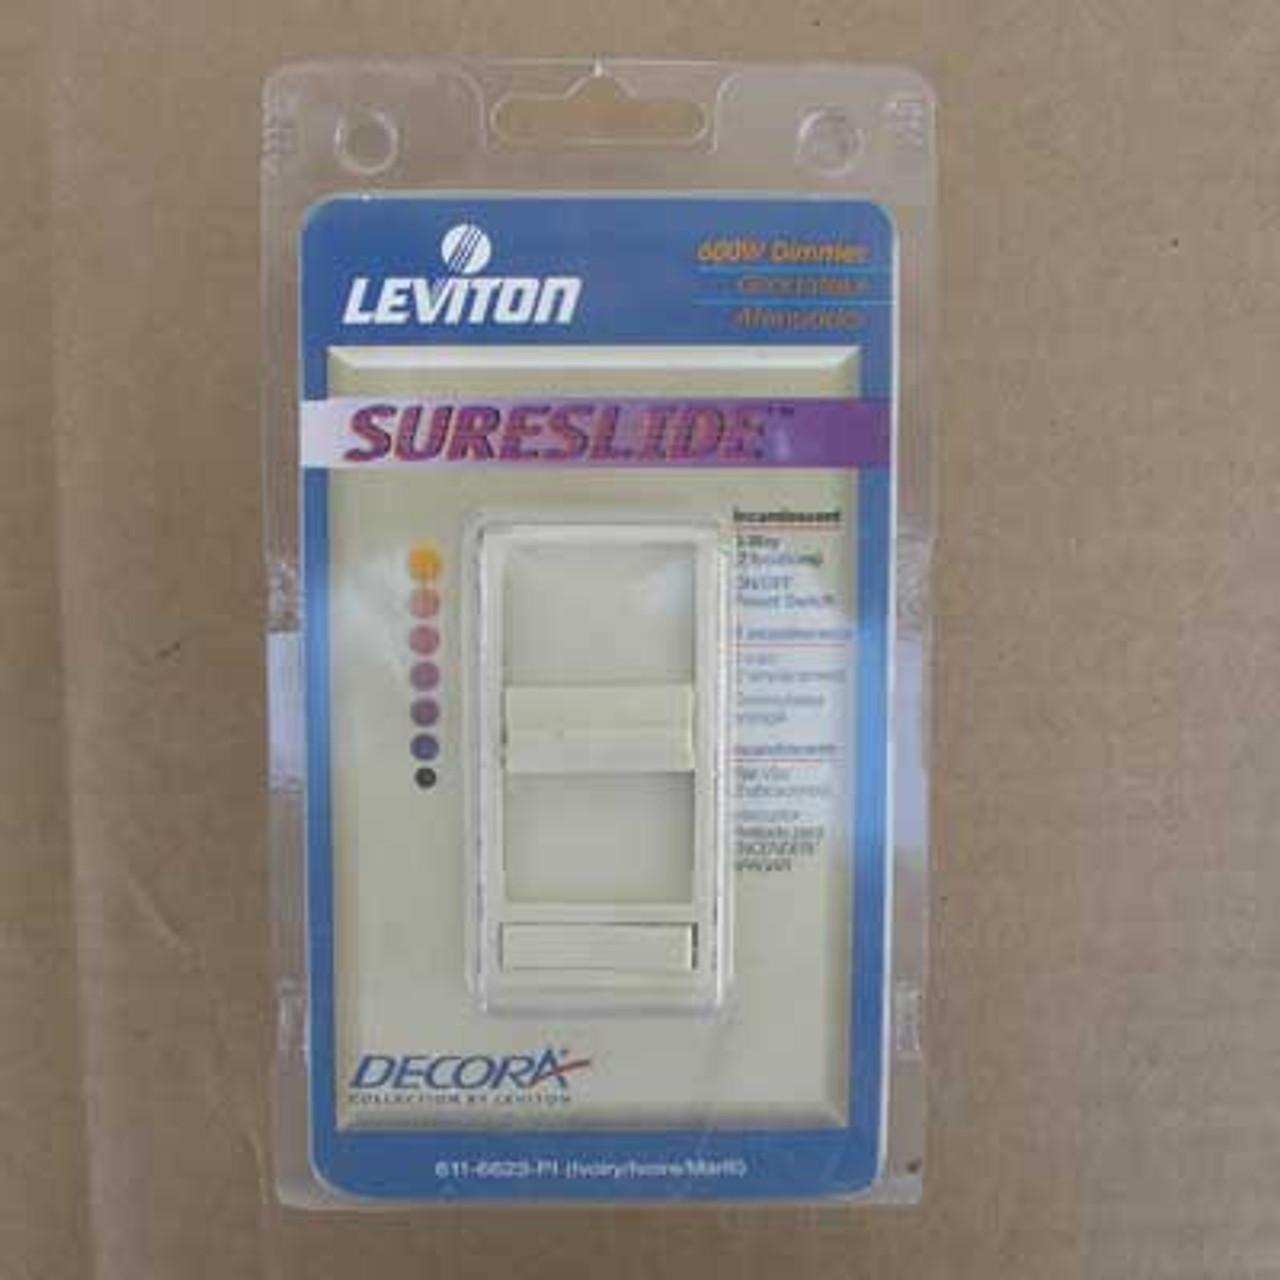 Leviton Decora 611-6623-PI 600W 3 Way SureSlide Dimmer